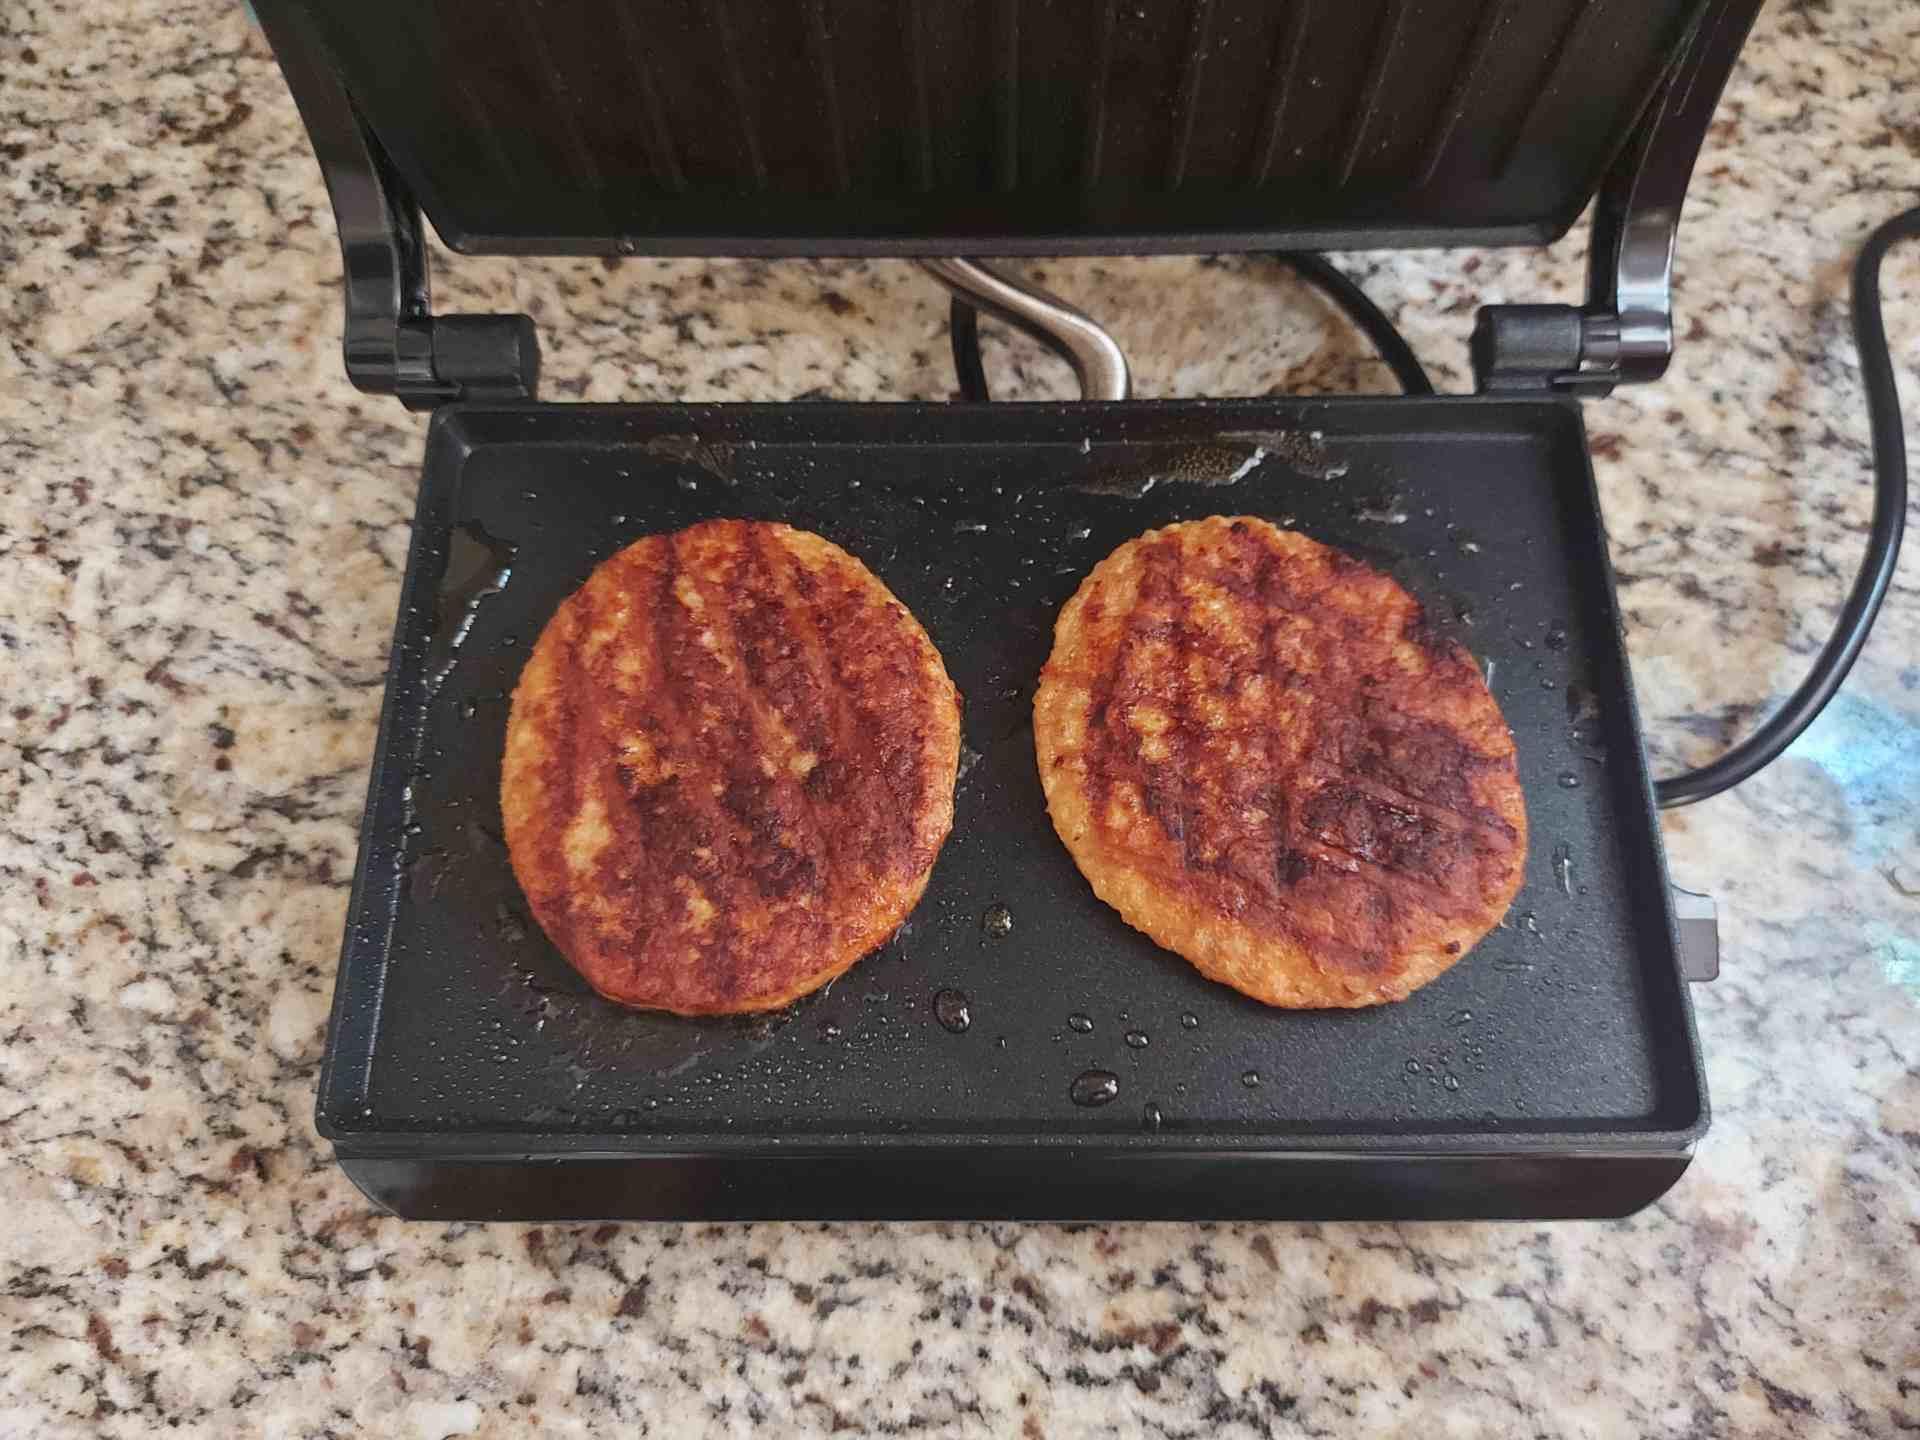 Imagem de dois hambúrgueres grelhados na chapa preta da sanduicheira